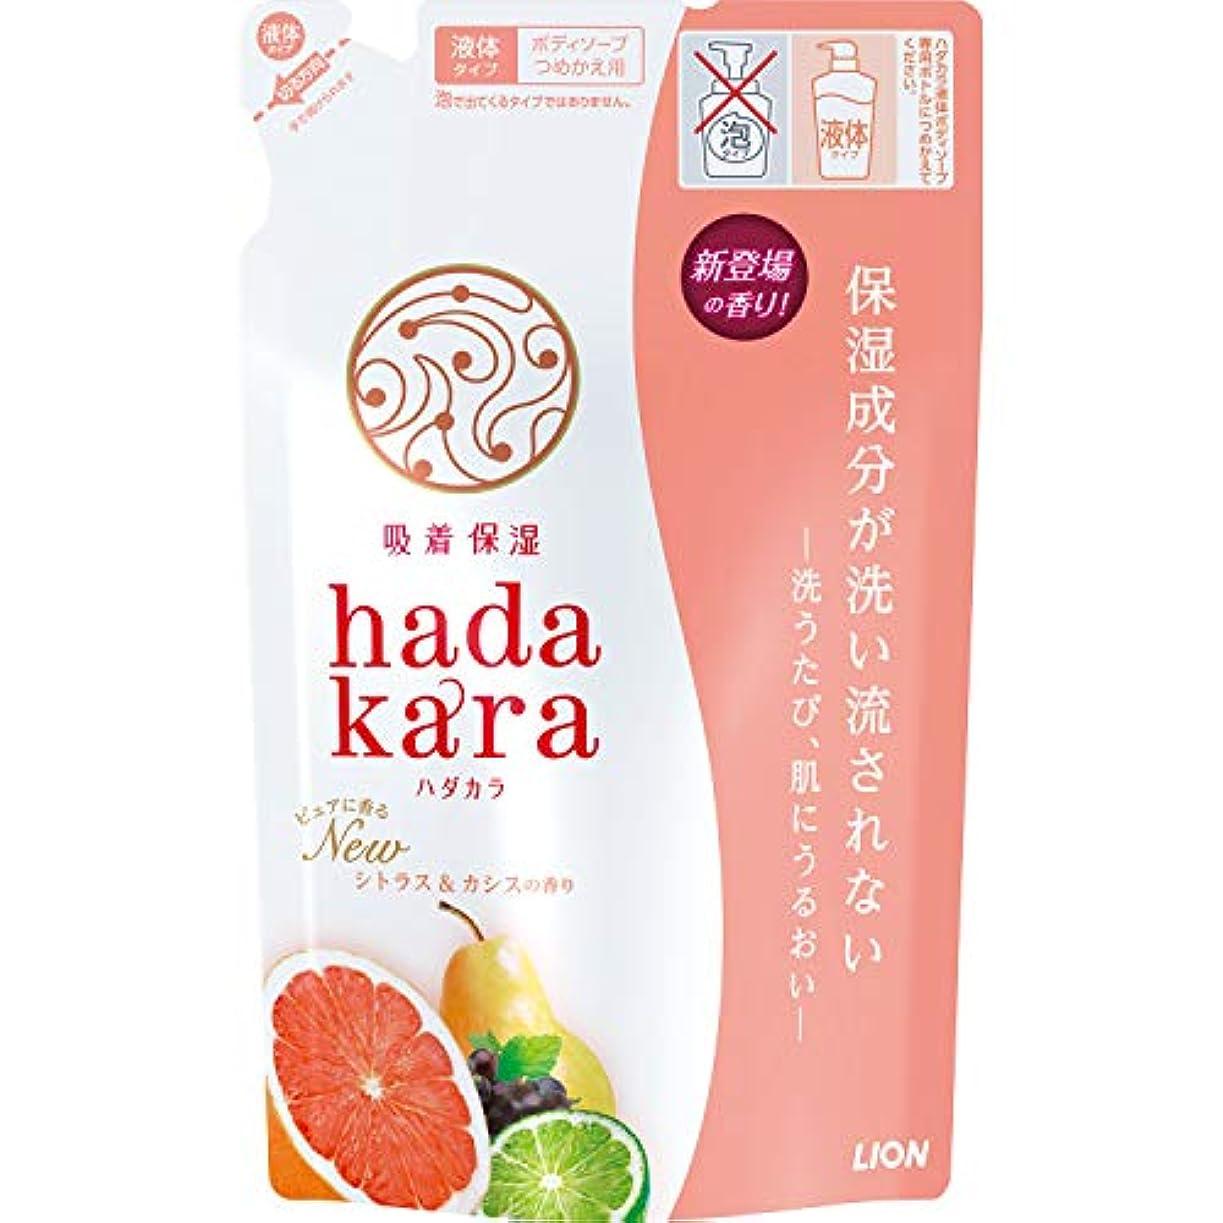 グループ道徳の教hadakara(ハダカラ) ボディソープ シトラス&カシスの香り つめかえ 360ml 詰替え用